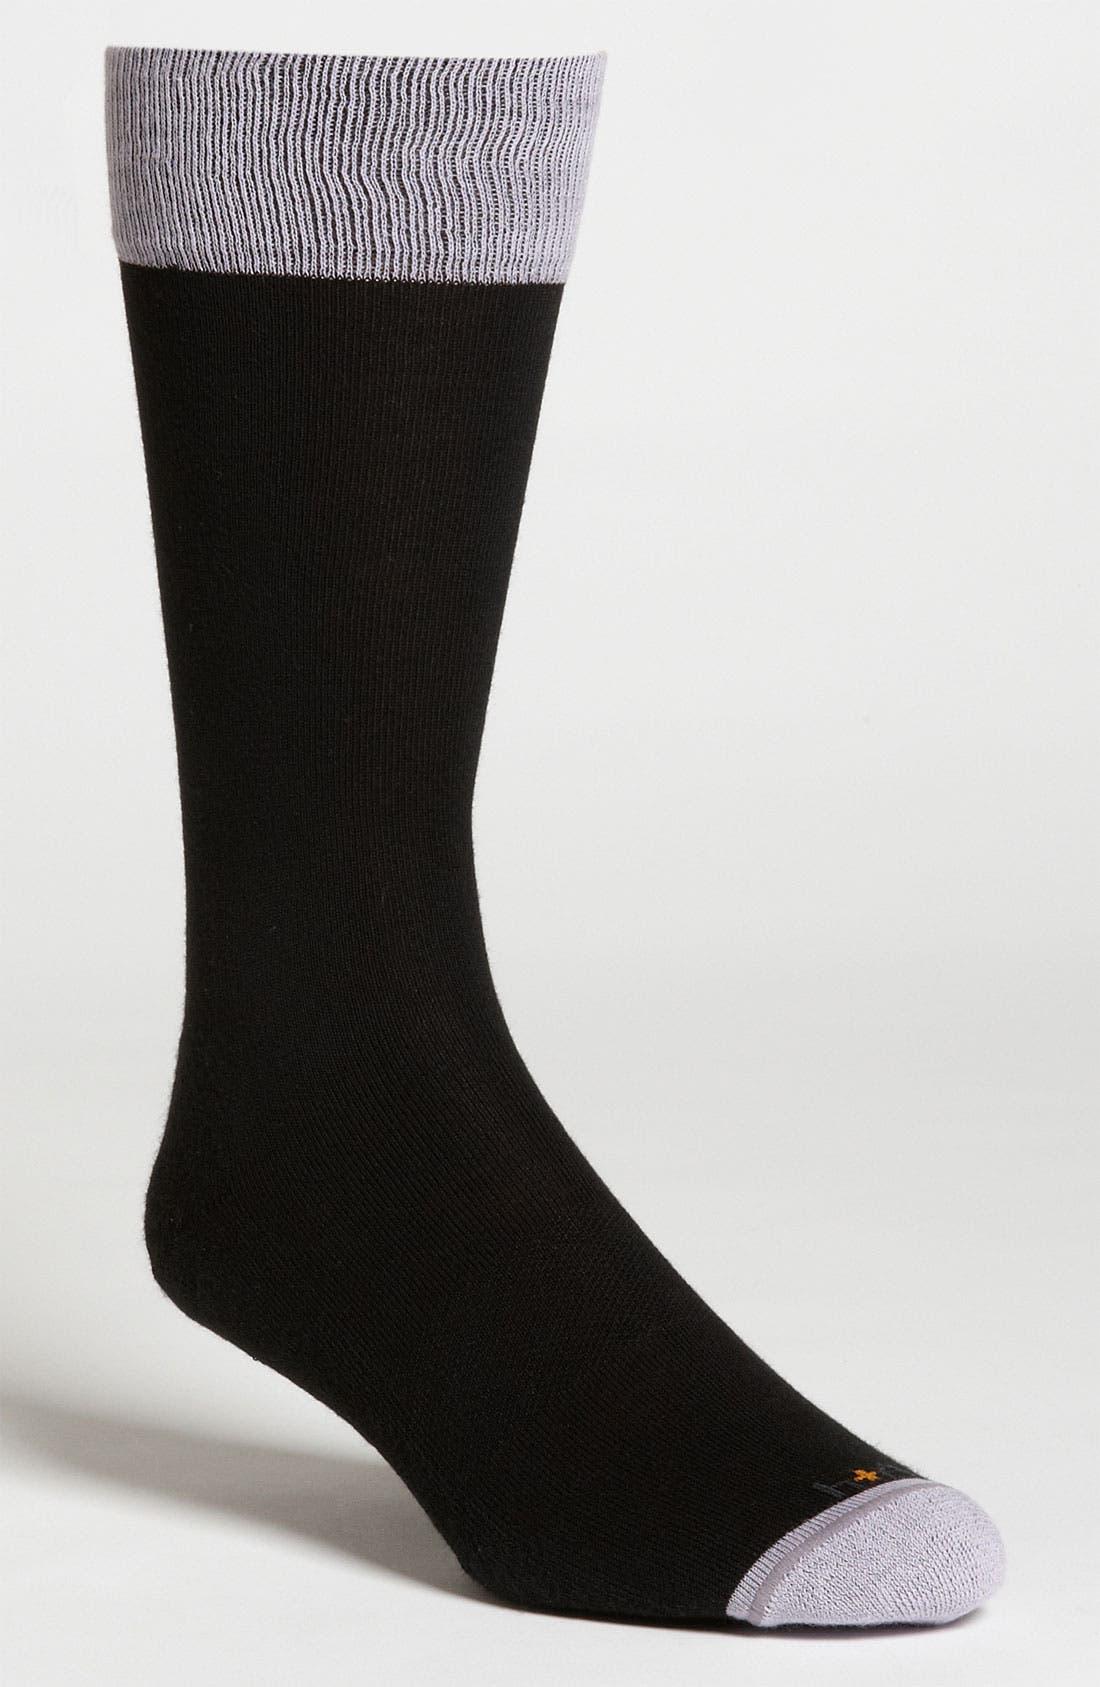 Main Image - hook + ALBERT Contrast Trim Socks